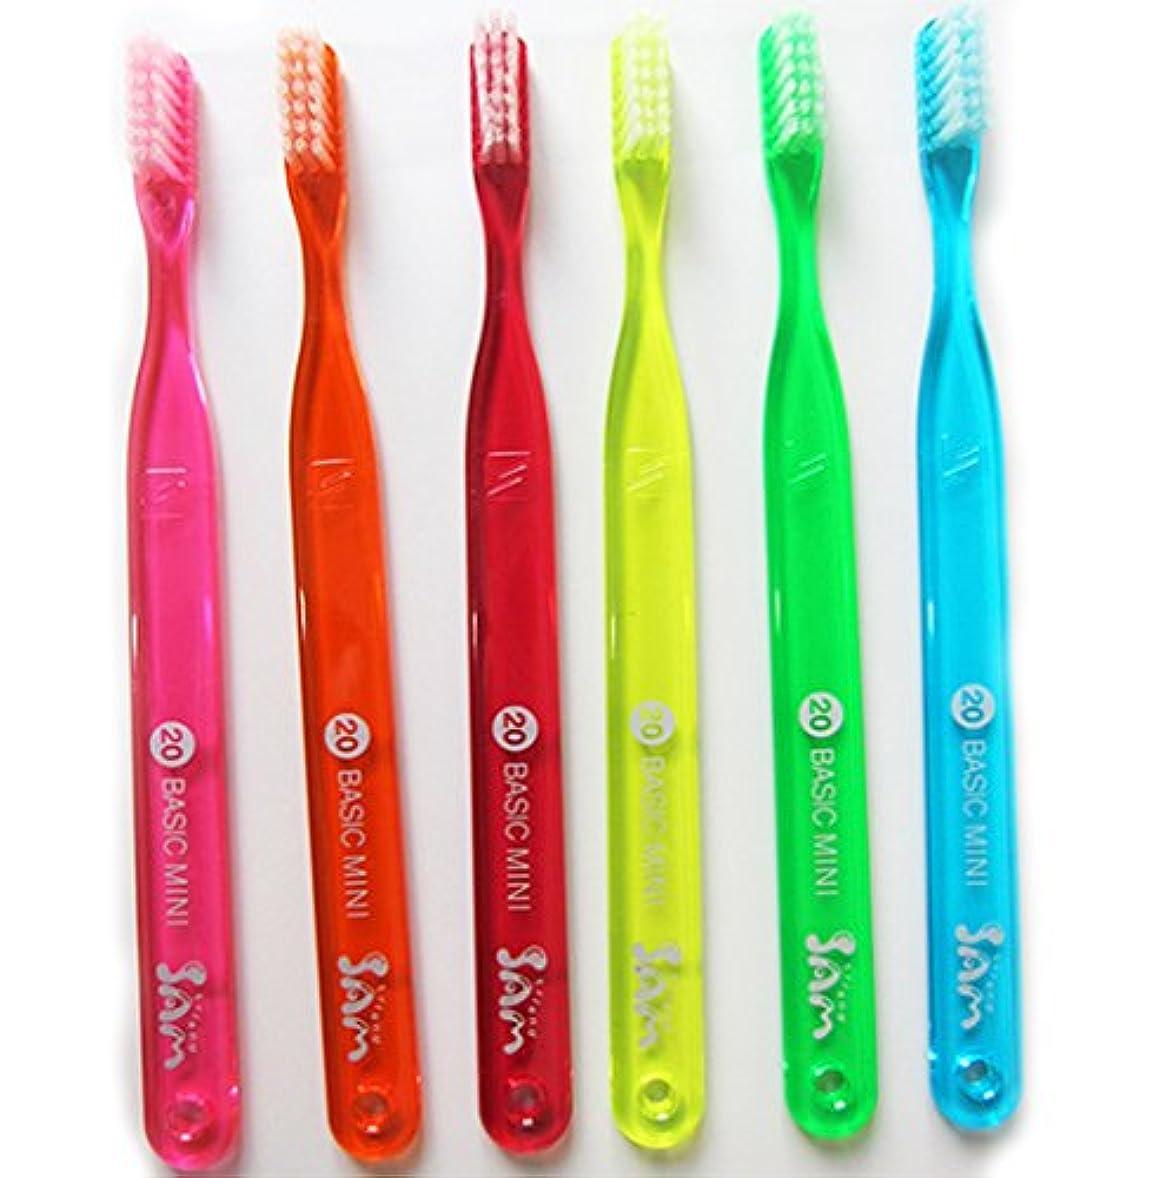 足音理想的には時制サムフレンド 【歯ブラシ】【サムフレンド 20】【6本】サムフレンド歯ブラシ20 BASIC MEDIUM Mini 6色セット【歯科